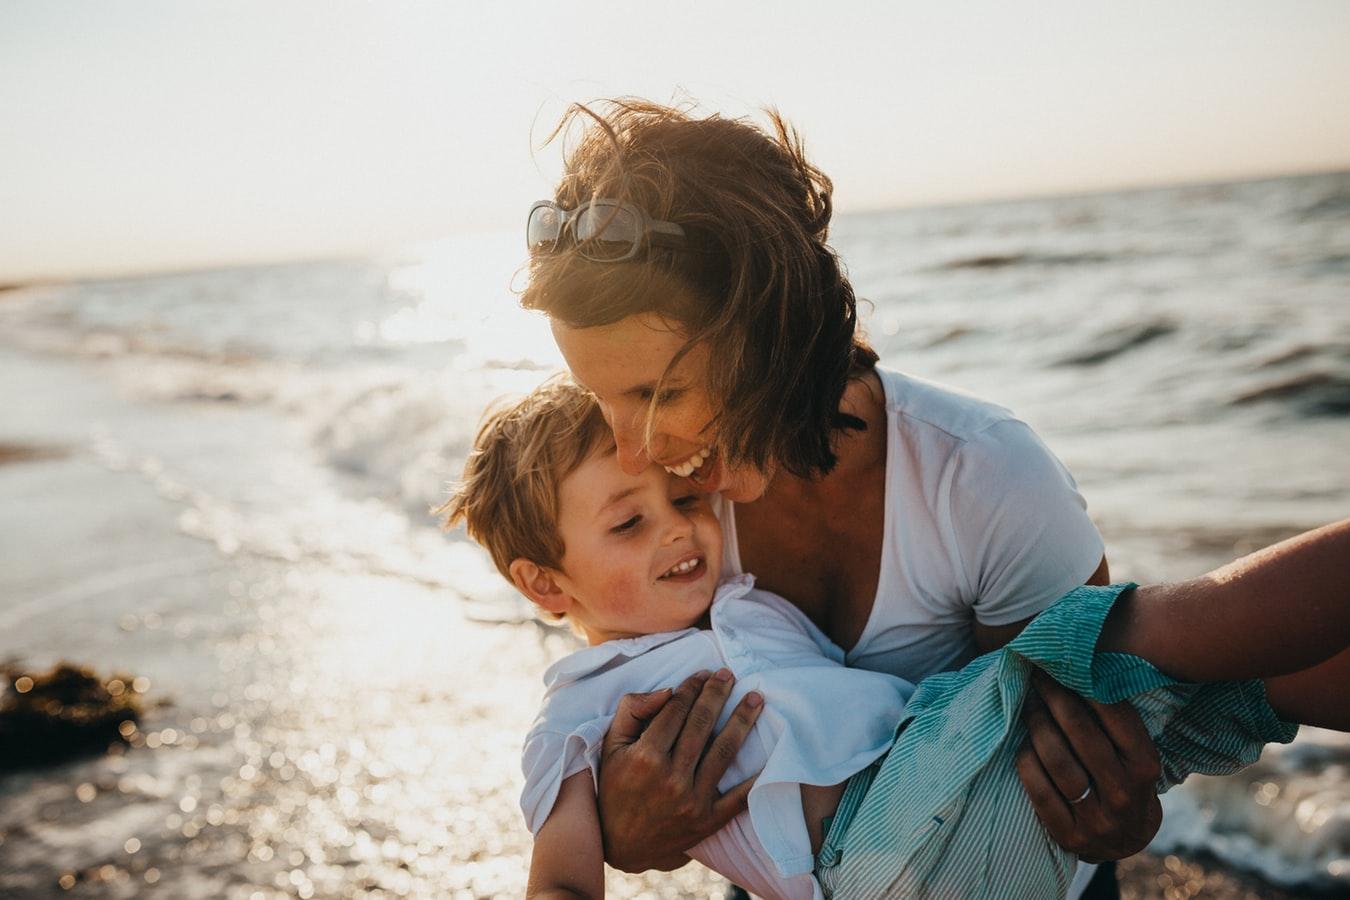 ¿Qué podemos hacer madres y padres para combatir el acoso escolar?